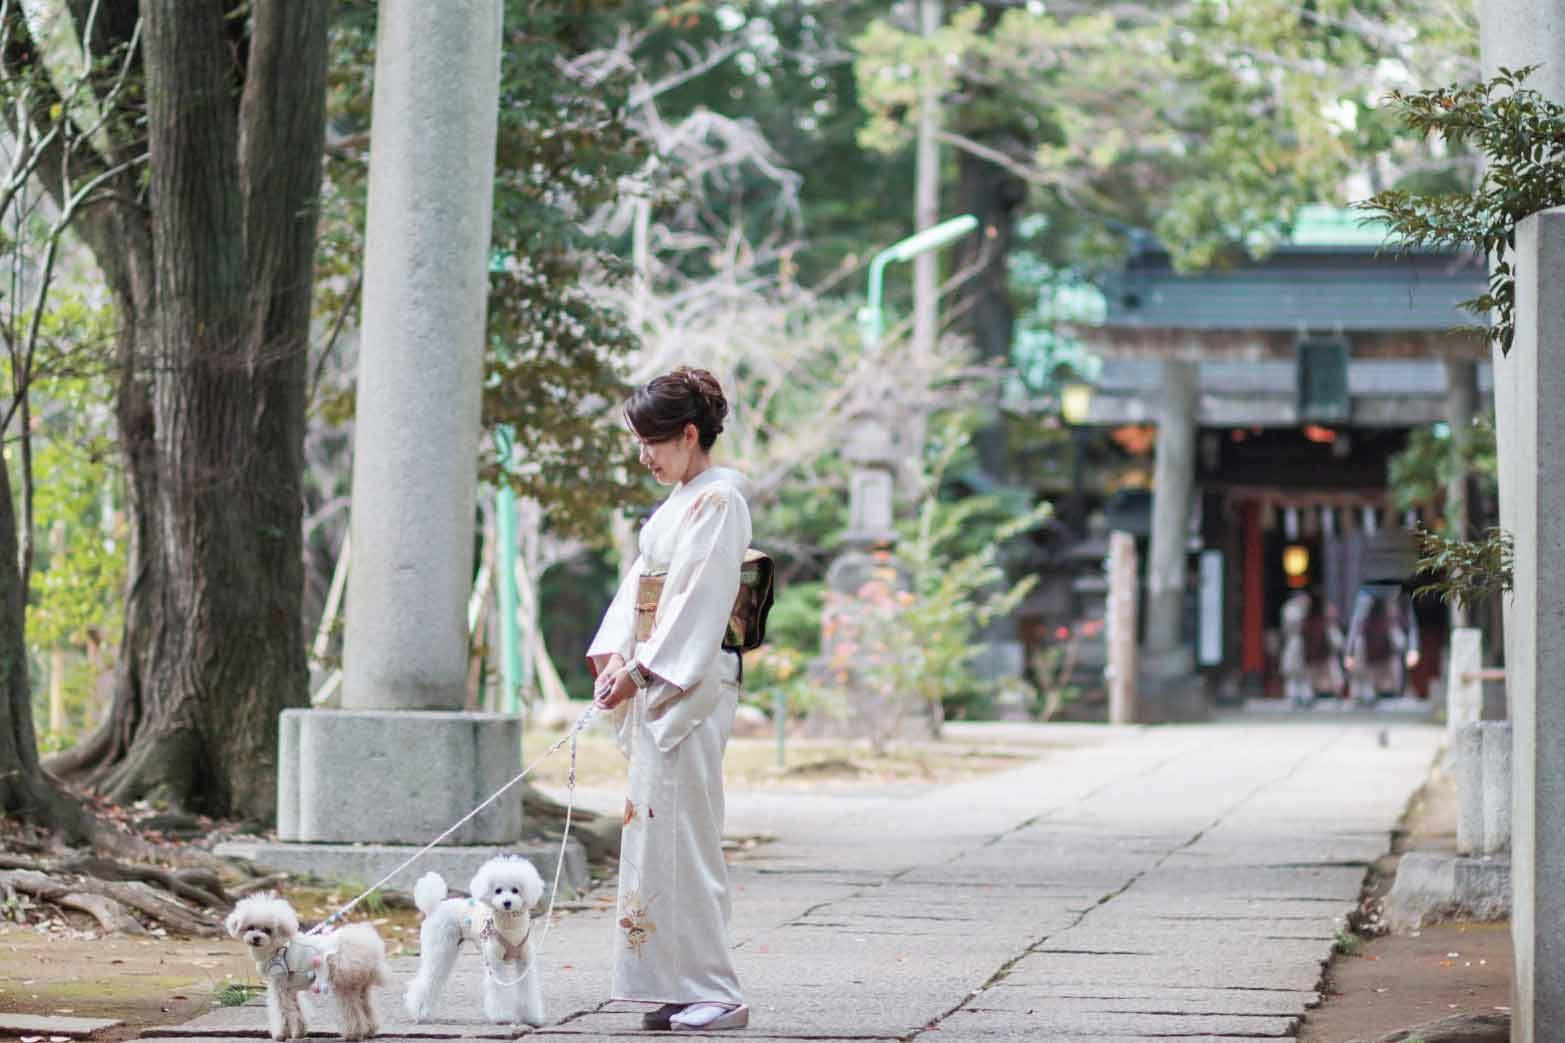 【赤坂】都内で愛犬と初詣!わんちゃんOKな赤坂氷川神社と周辺ランチ♪